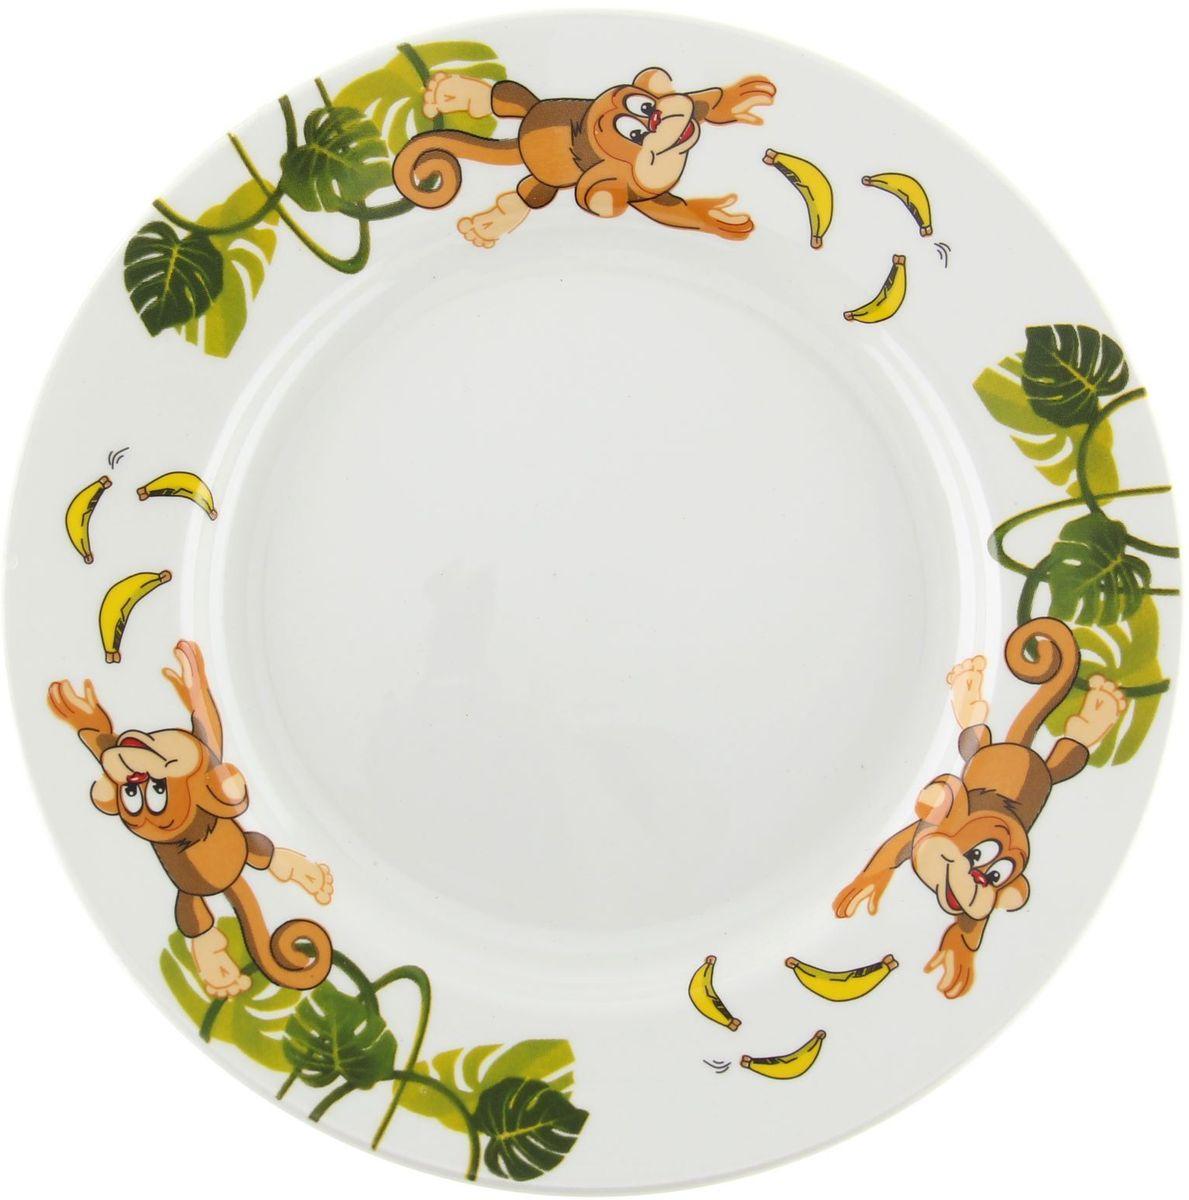 Кубаньфарфор Тарелка детская Обезьянки 13013781301378Фаянсовая детская посуда с забавным рисунком понравится каждому малышу. Изделие из качественного материала станет правильным выбором для повседневной эксплуатации и поможет превратить каждый прием пищи в радостное приключение.Особенности:- простота мойки,- стойкость к запахам,- насыщенный цвет.